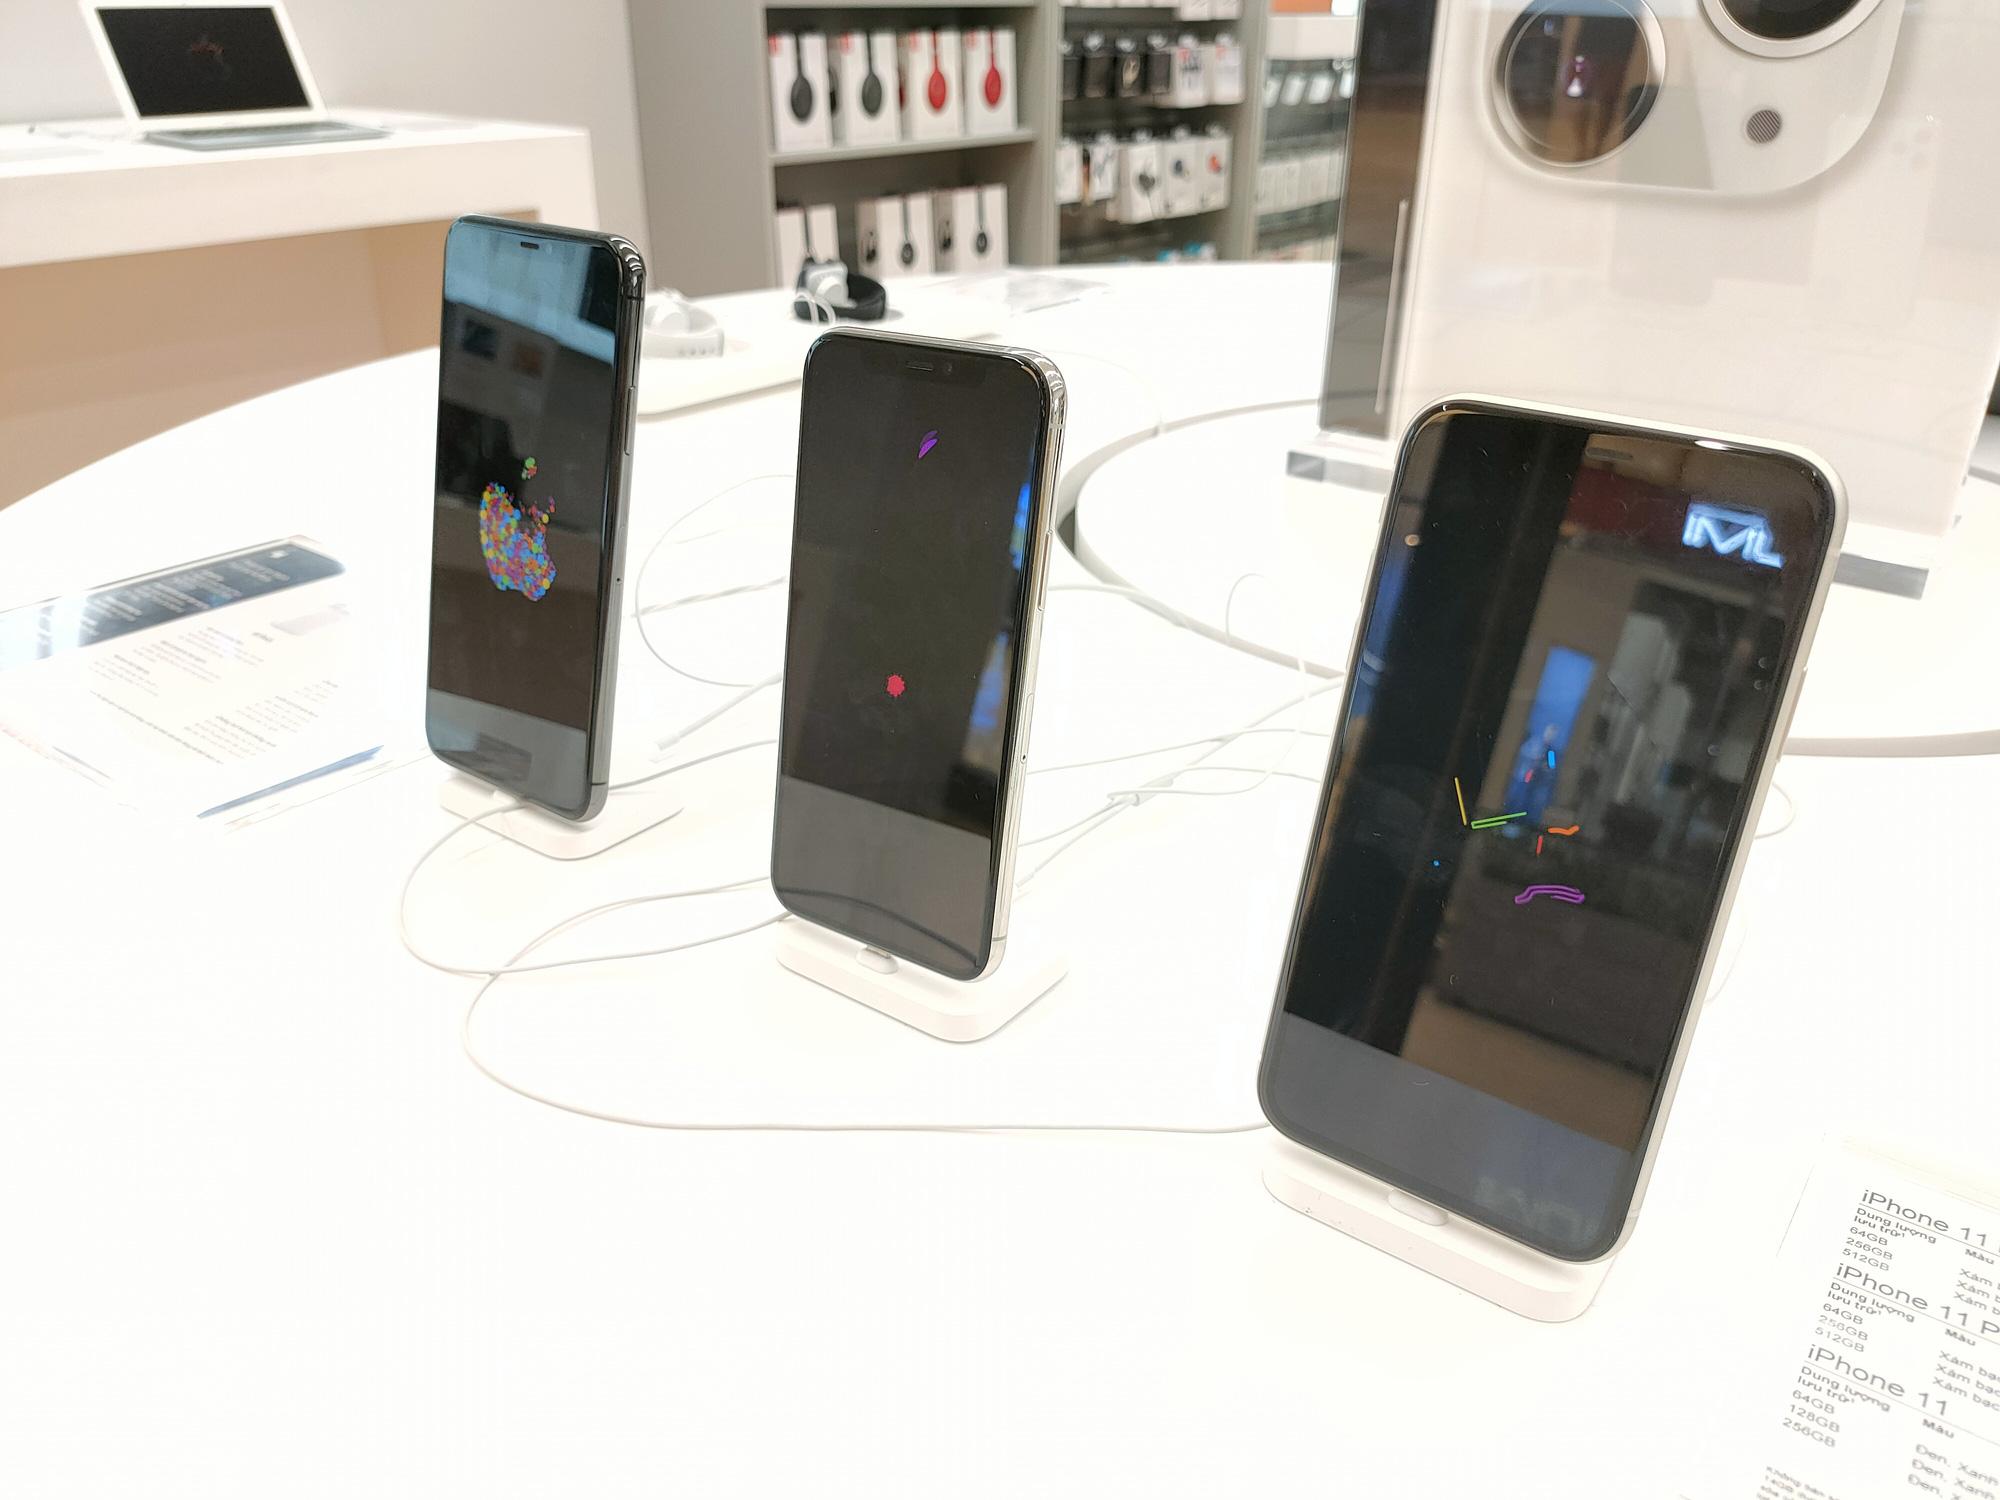 Điện thoại giảm giá tuần này: iPhone giảm nhẹ, Android có nhiều ưu đãi - Ảnh 1.